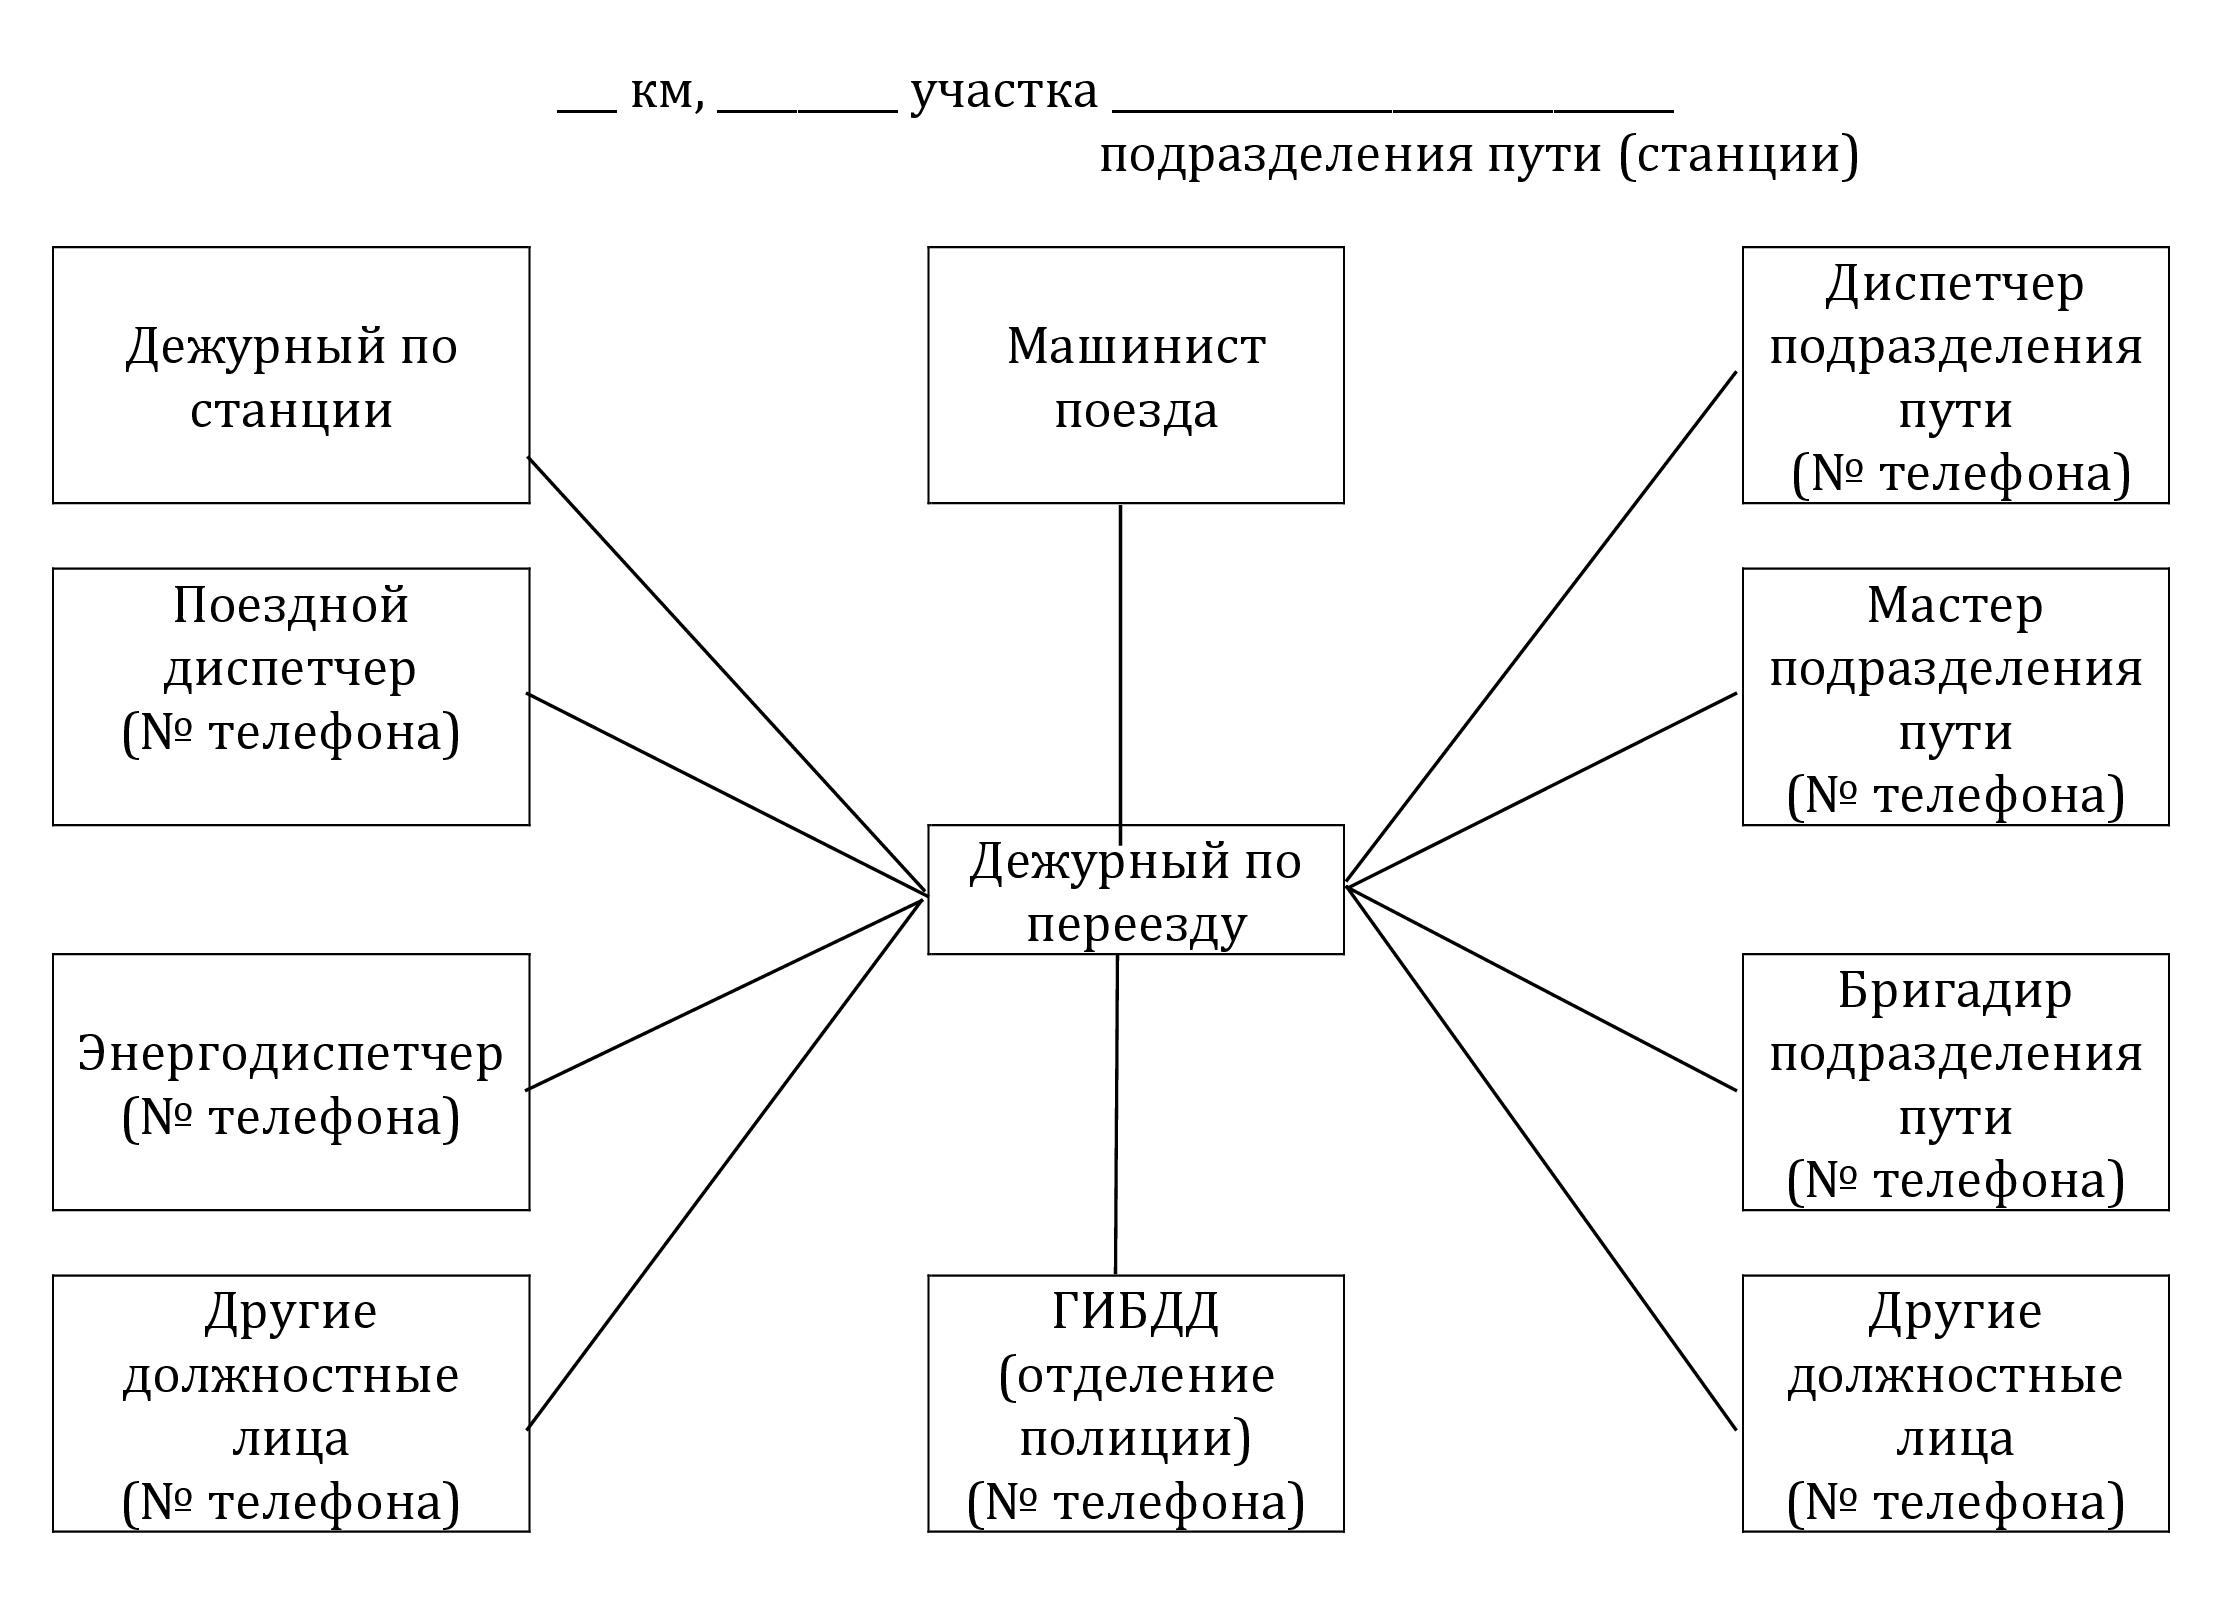 Должностные инструкции маневрового диспетчера